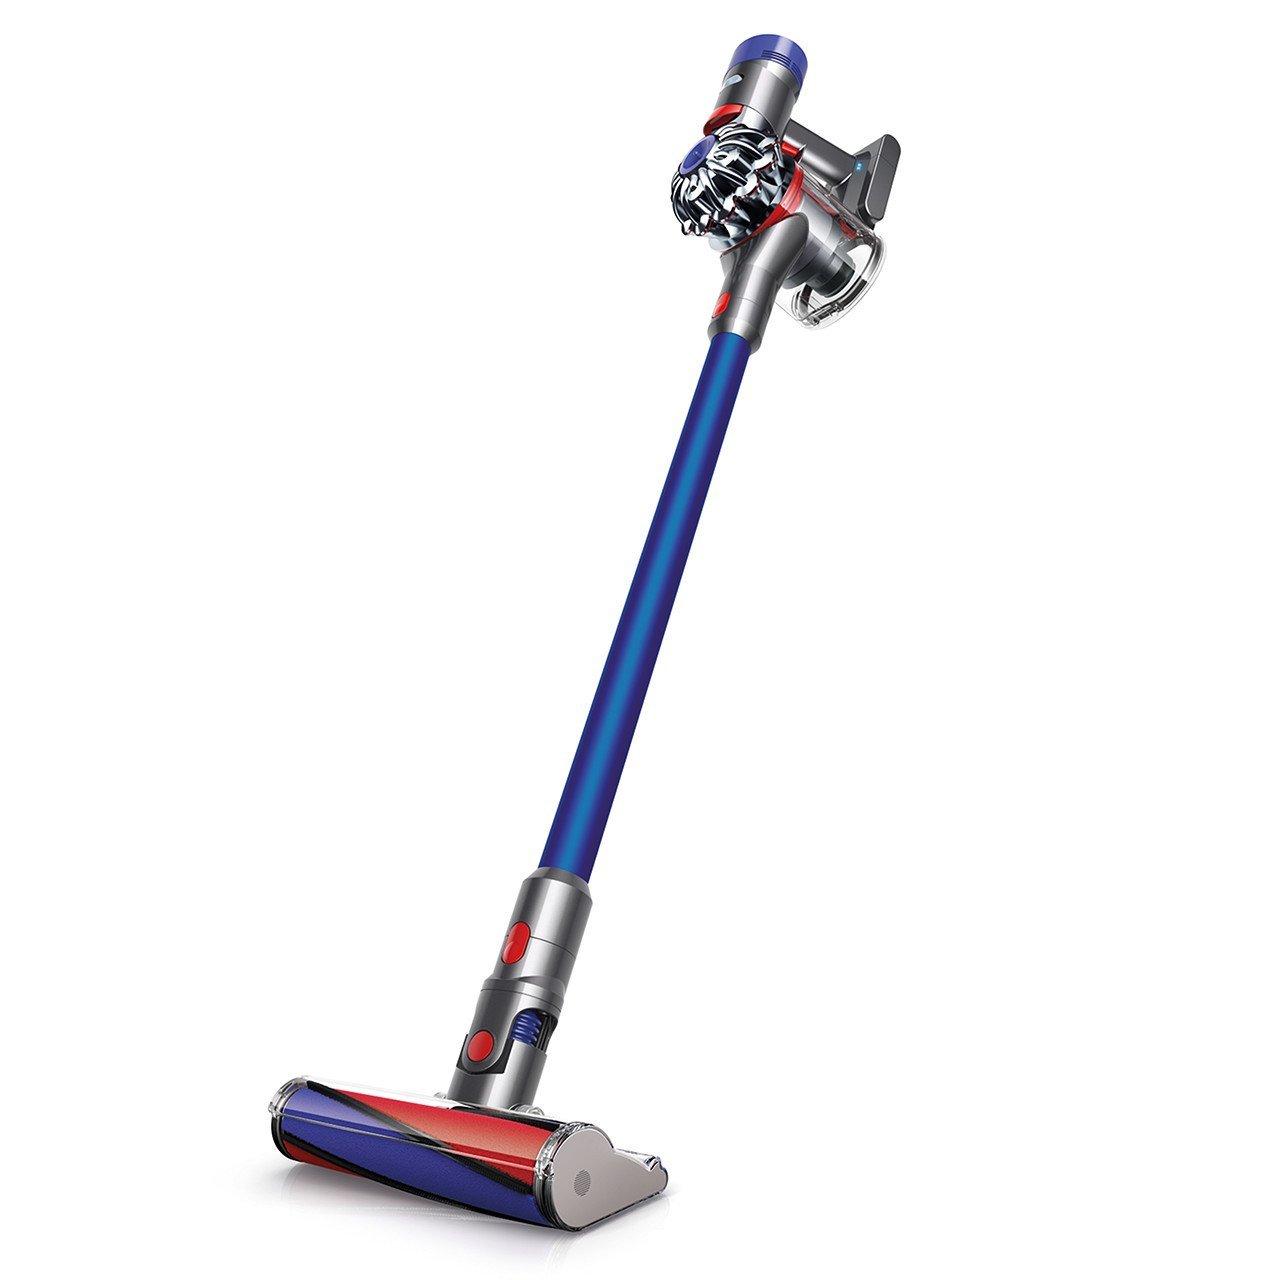 ダイソンの掃除機おすすめ5選&選び方【2020年版】